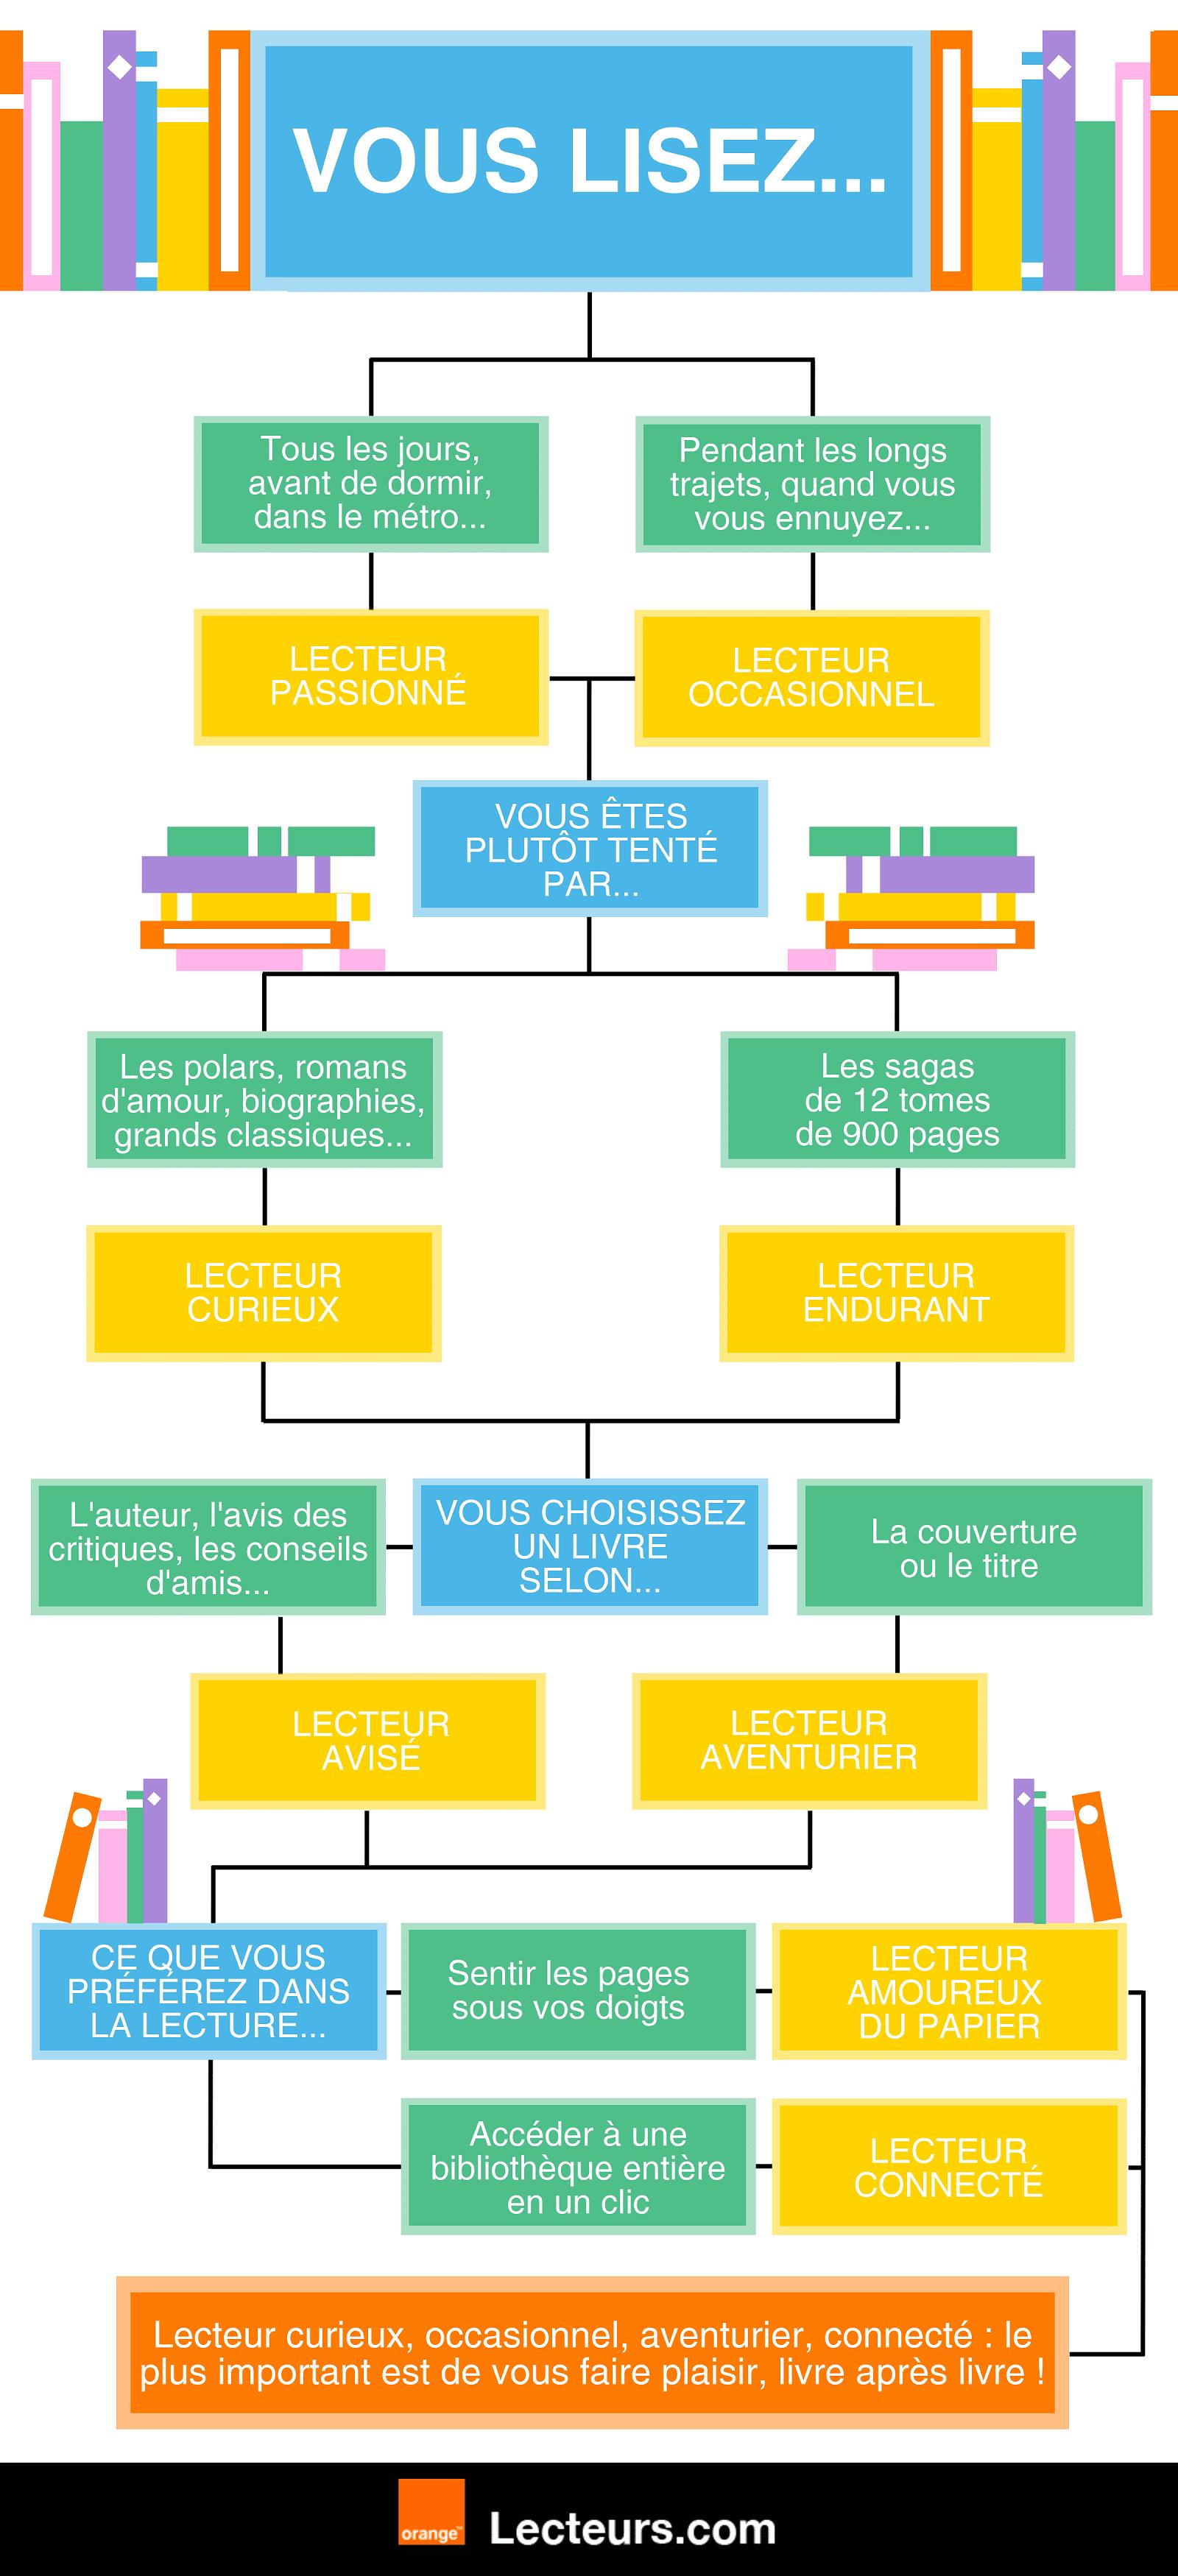 Quel lecteur êtes-vous ?